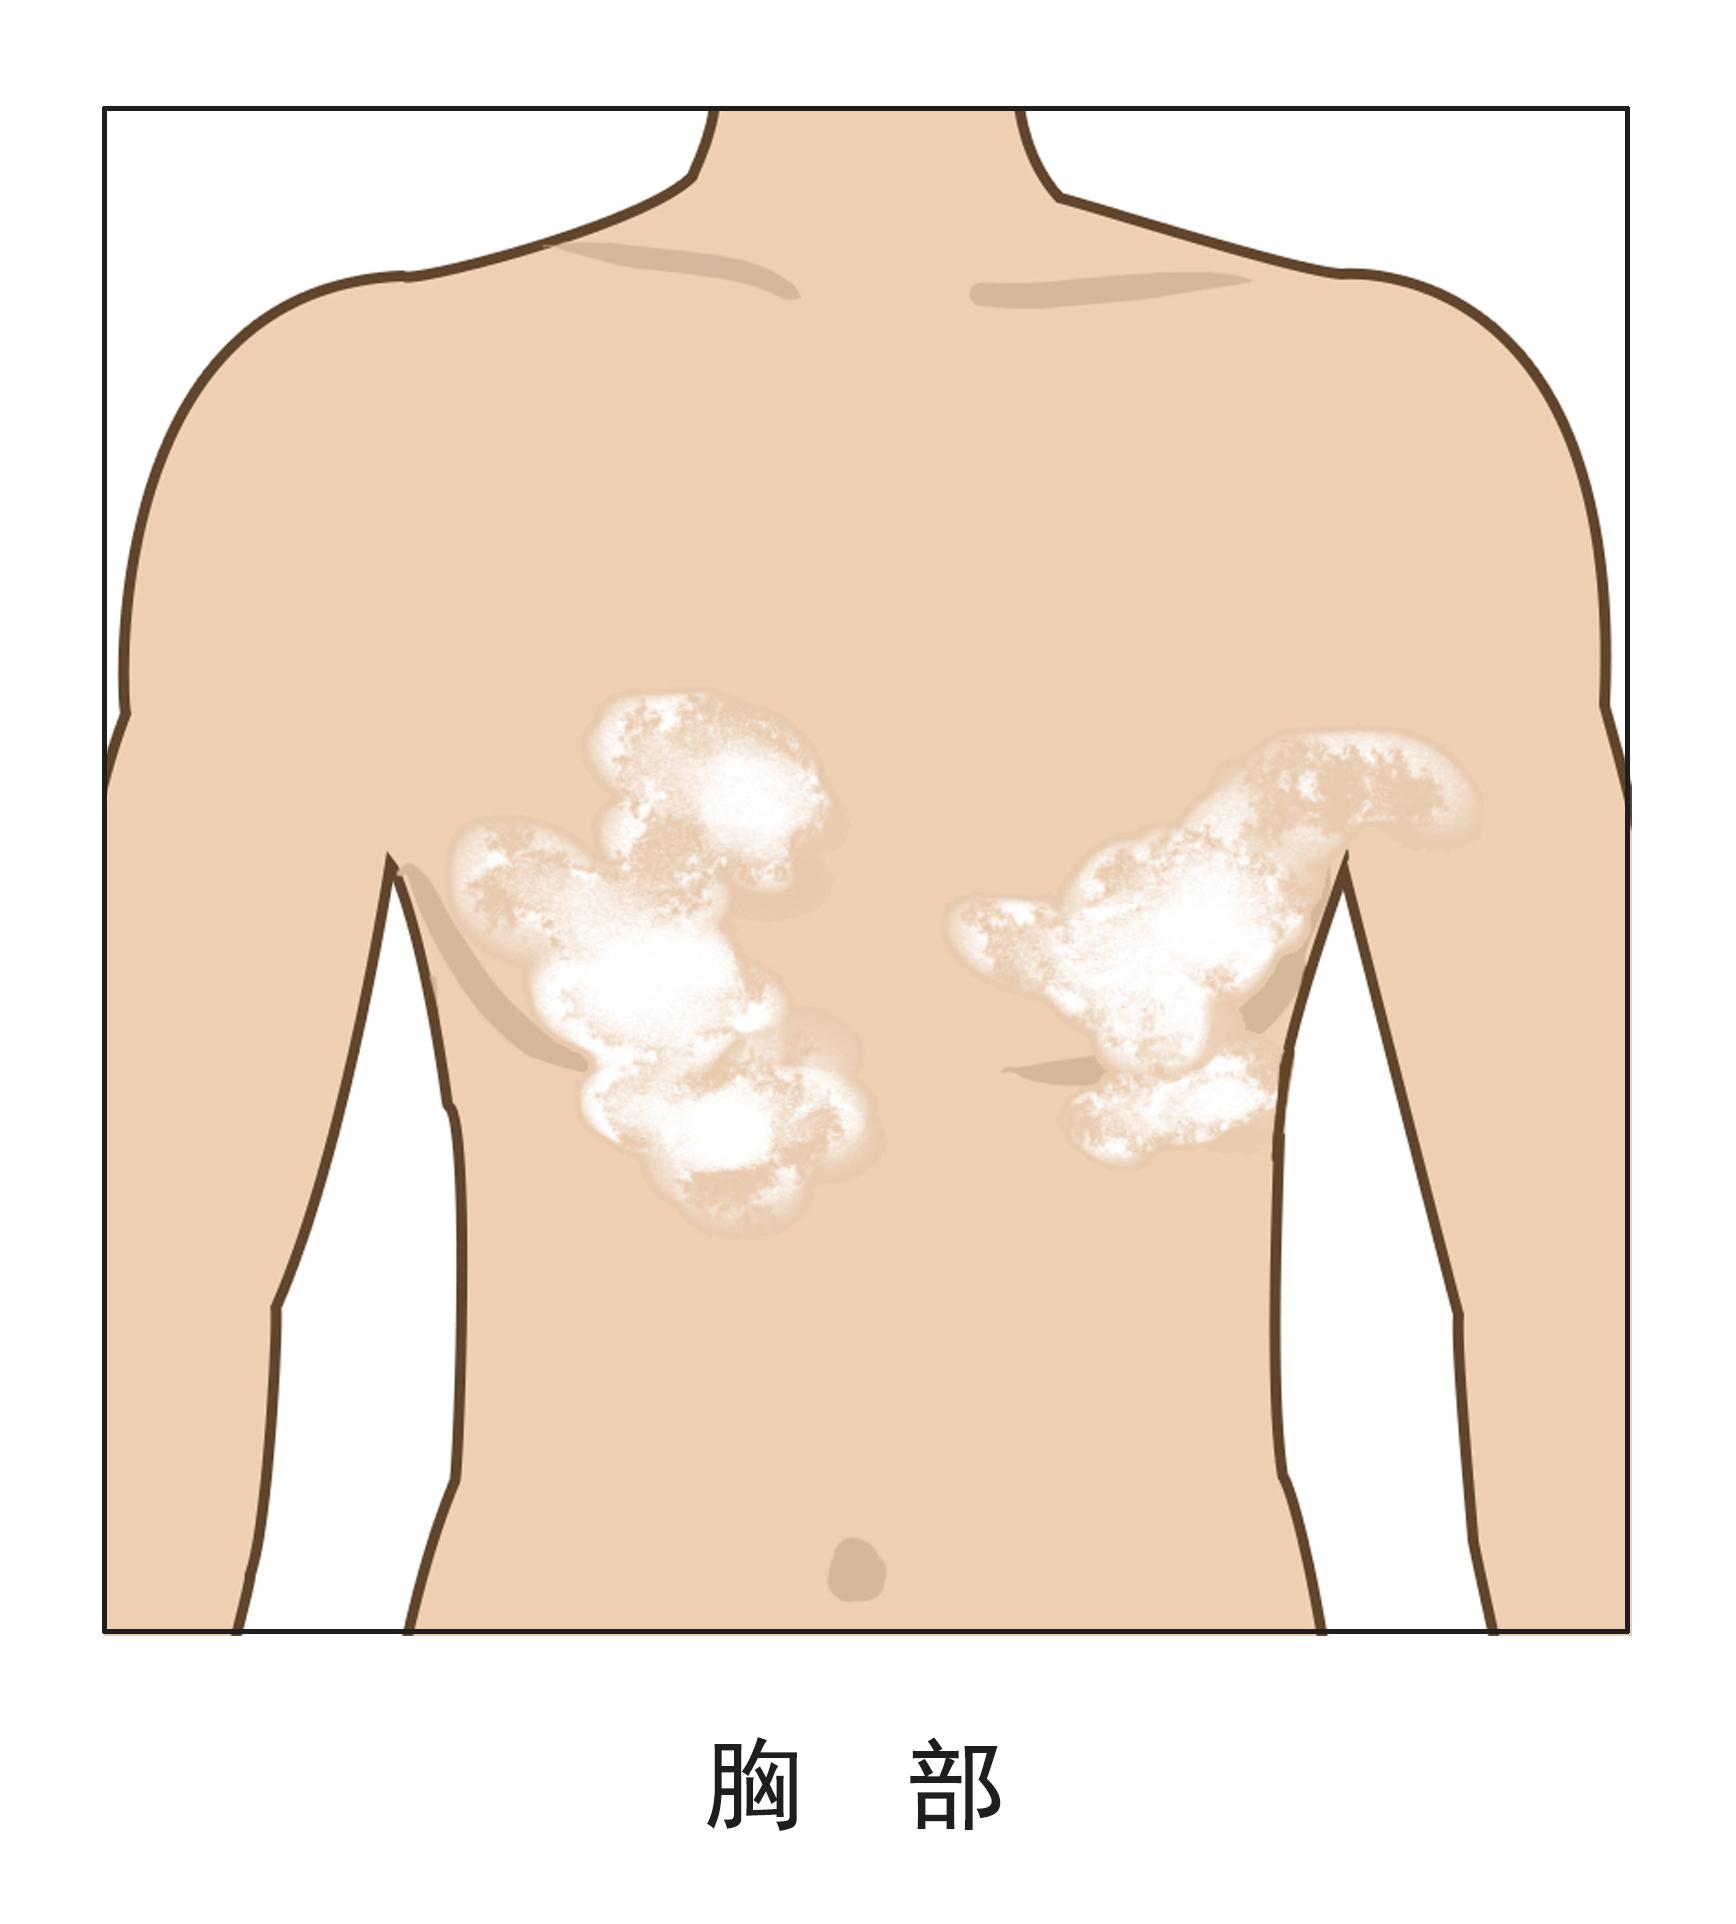 胸口处长白癜风是什么原因导致的